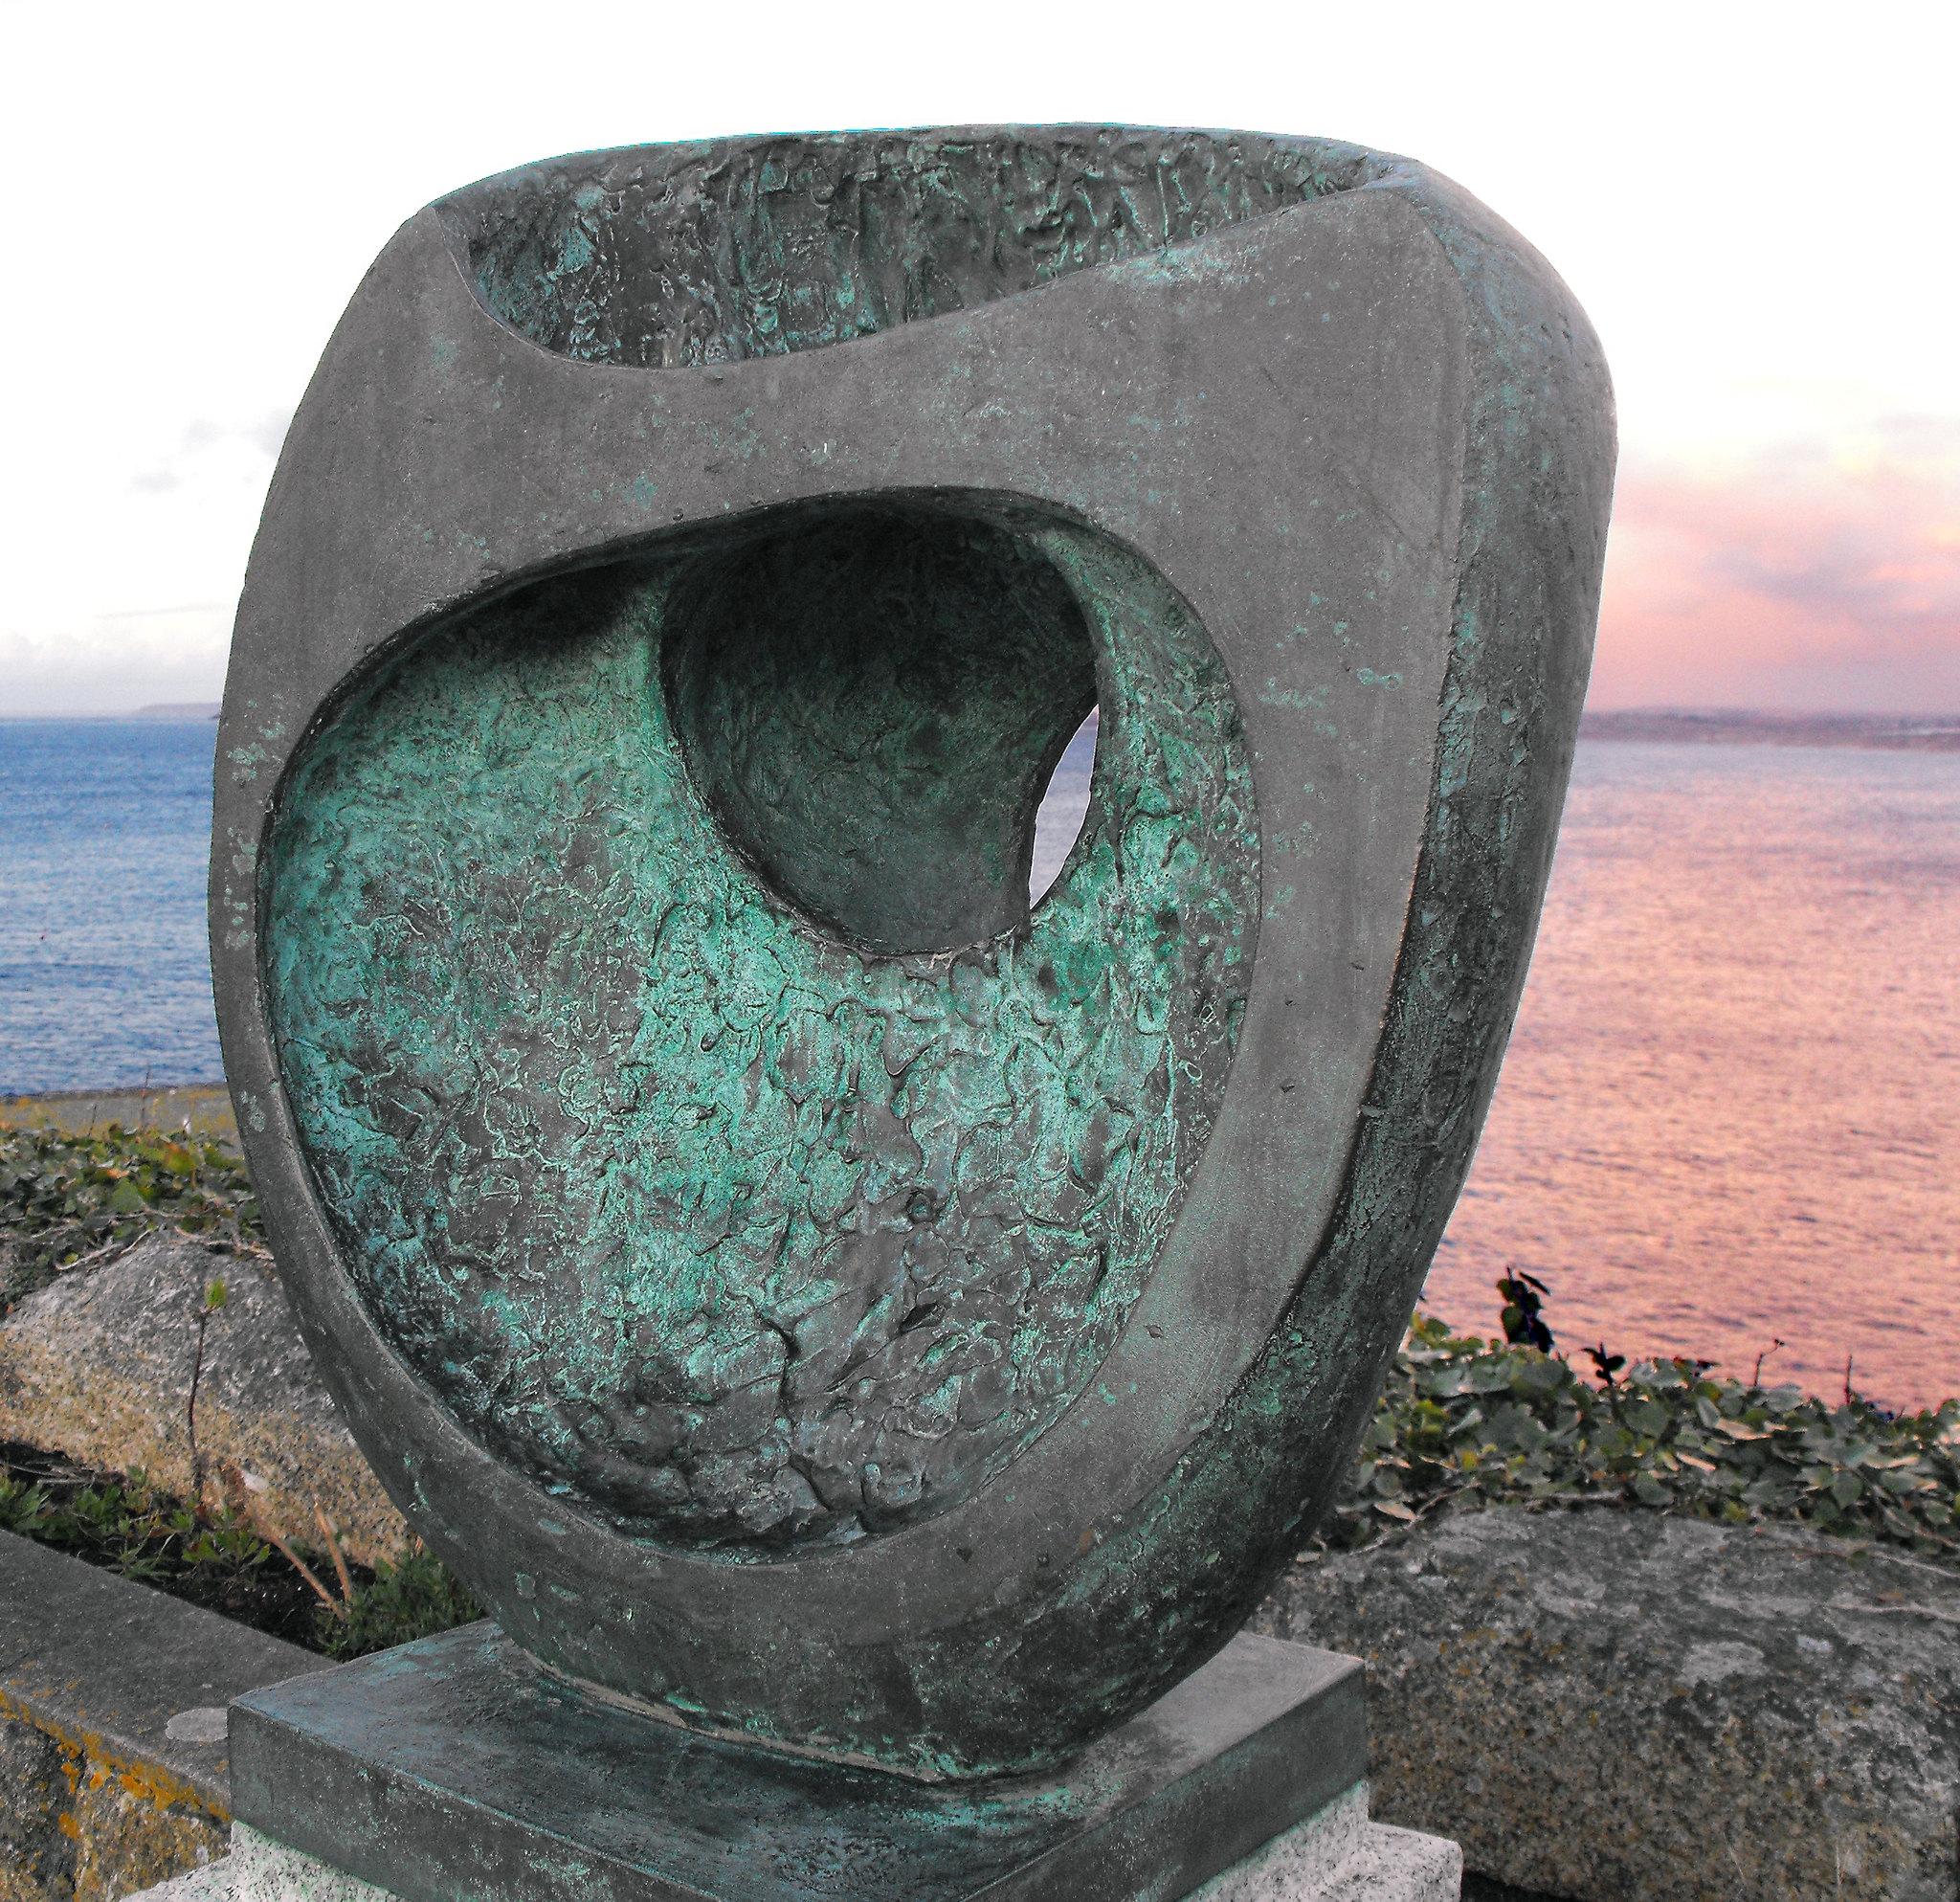 Hepworth Sculpture